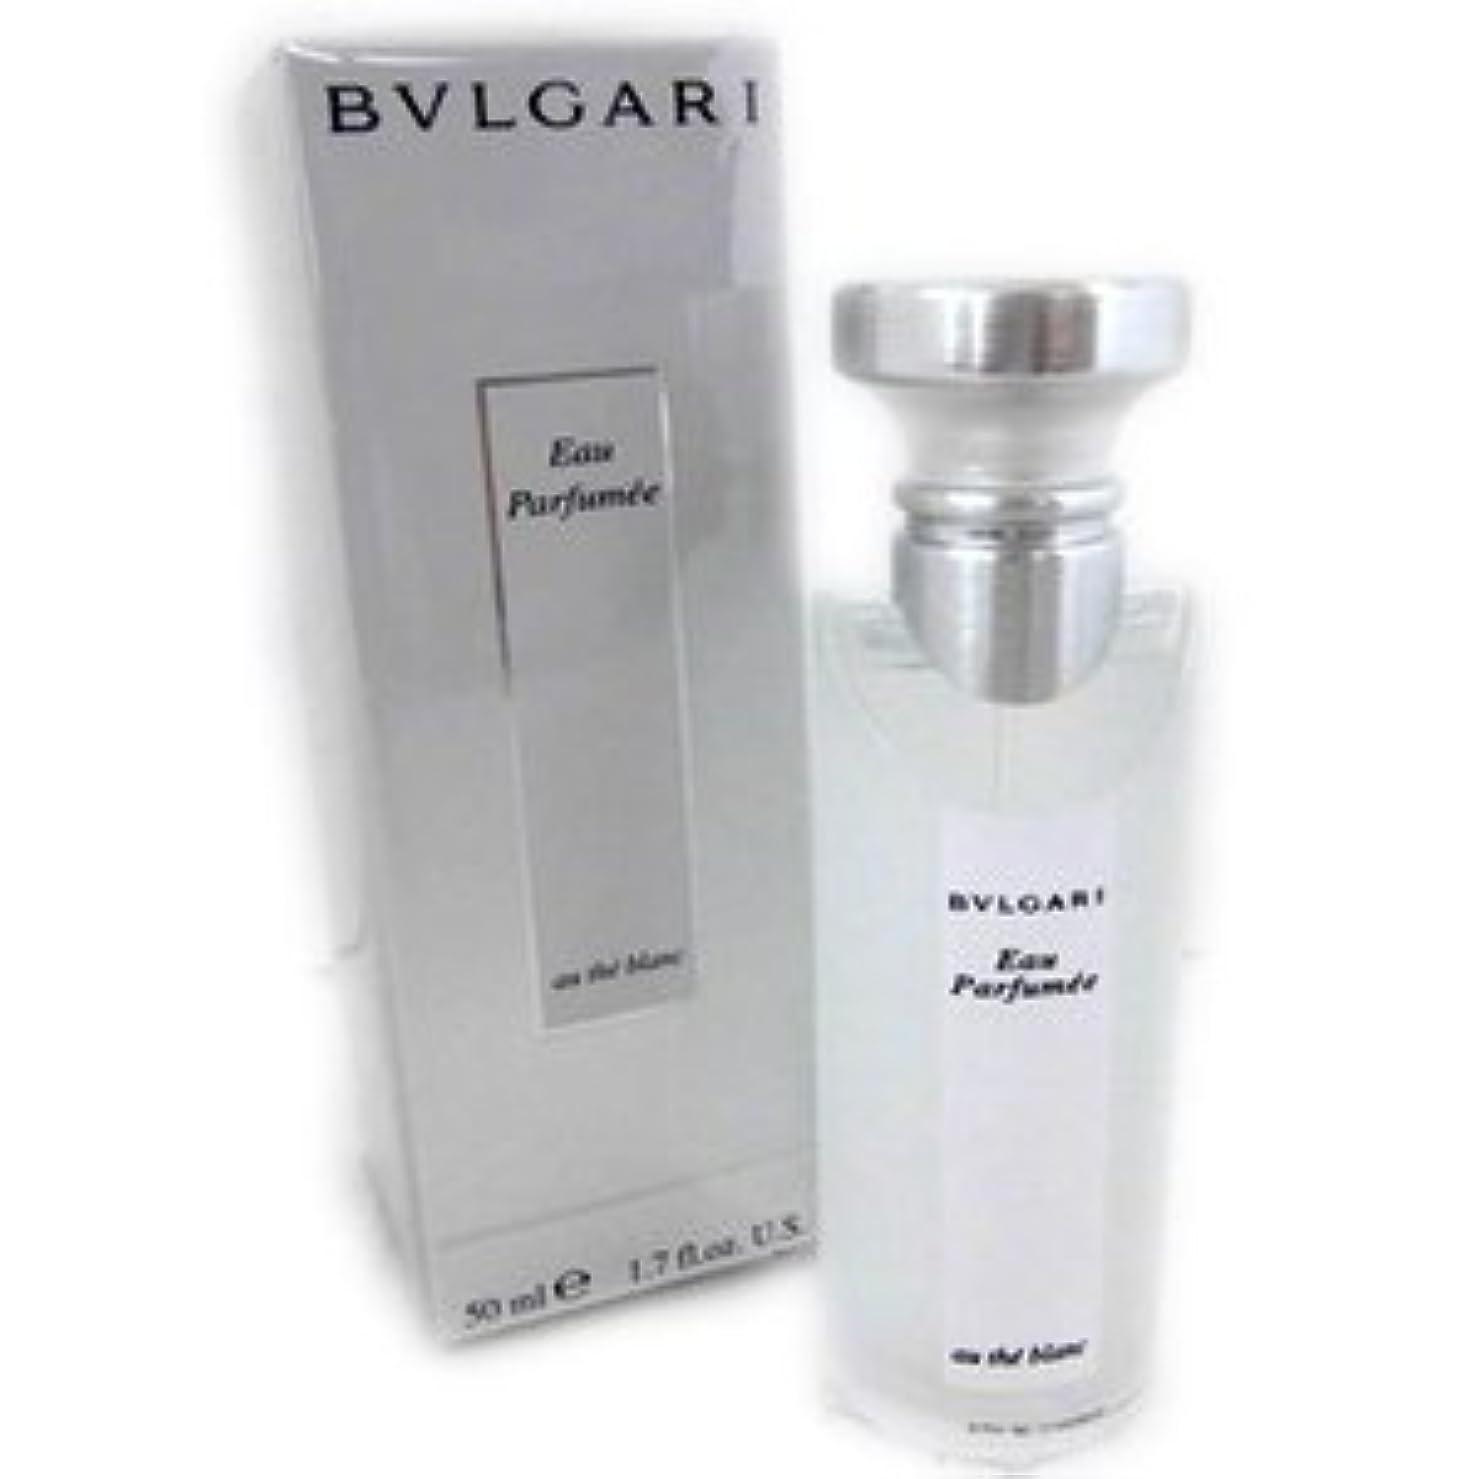 散る記念碑的な動作ブルガリ BVLGARI 香水 オパフメ オーテブラン オーデコロン スプレー EDC SP 50ml オーデブラン [レディース]